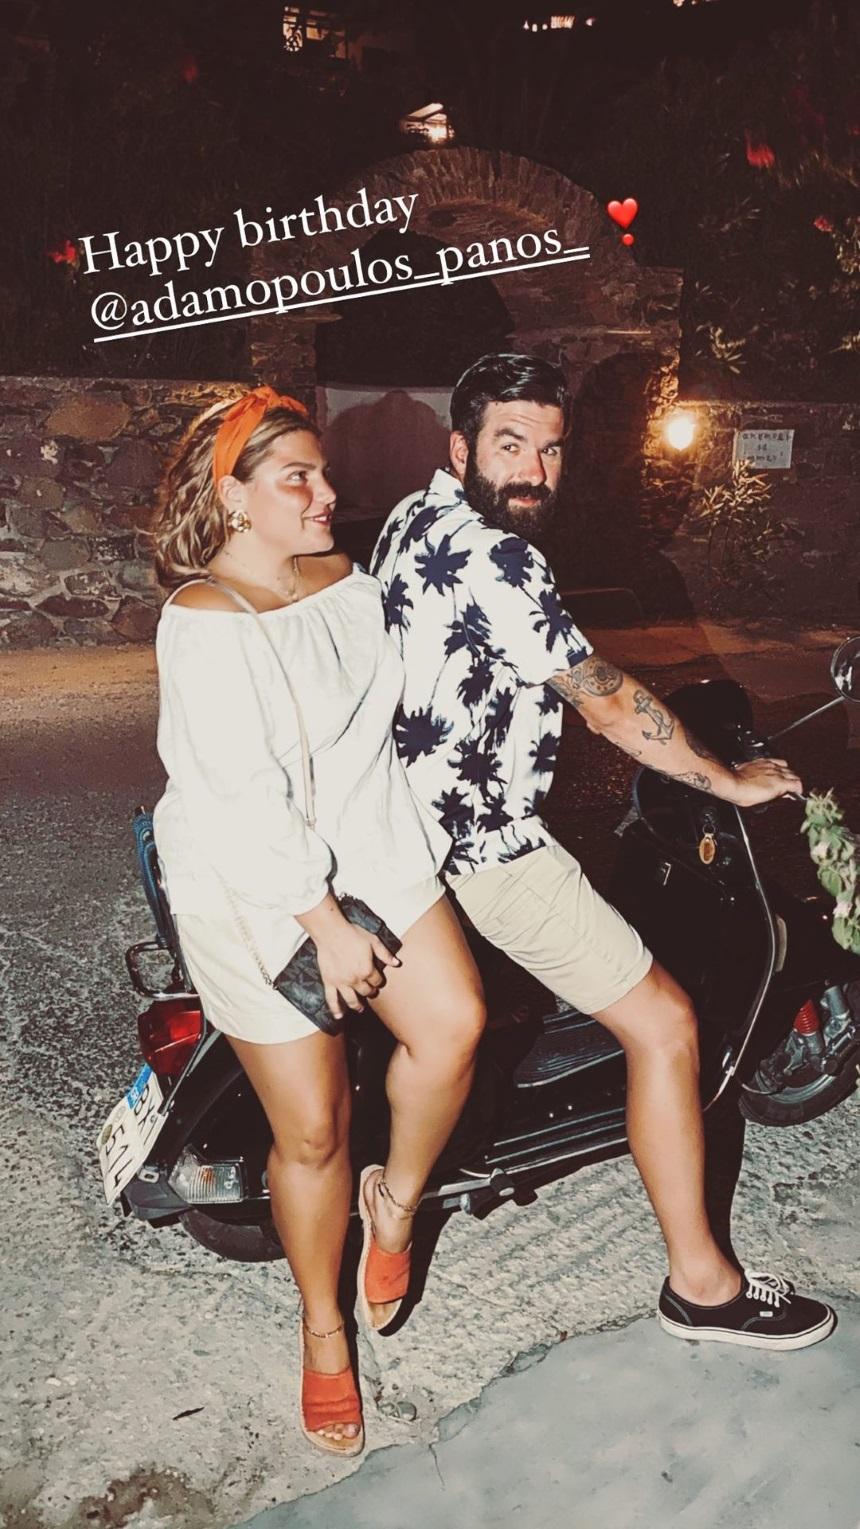 Δανάη Μπάρκα: Εύχεται στον σύντροφό της με μία κοινή τους φωτογραφία! (εικόνα)